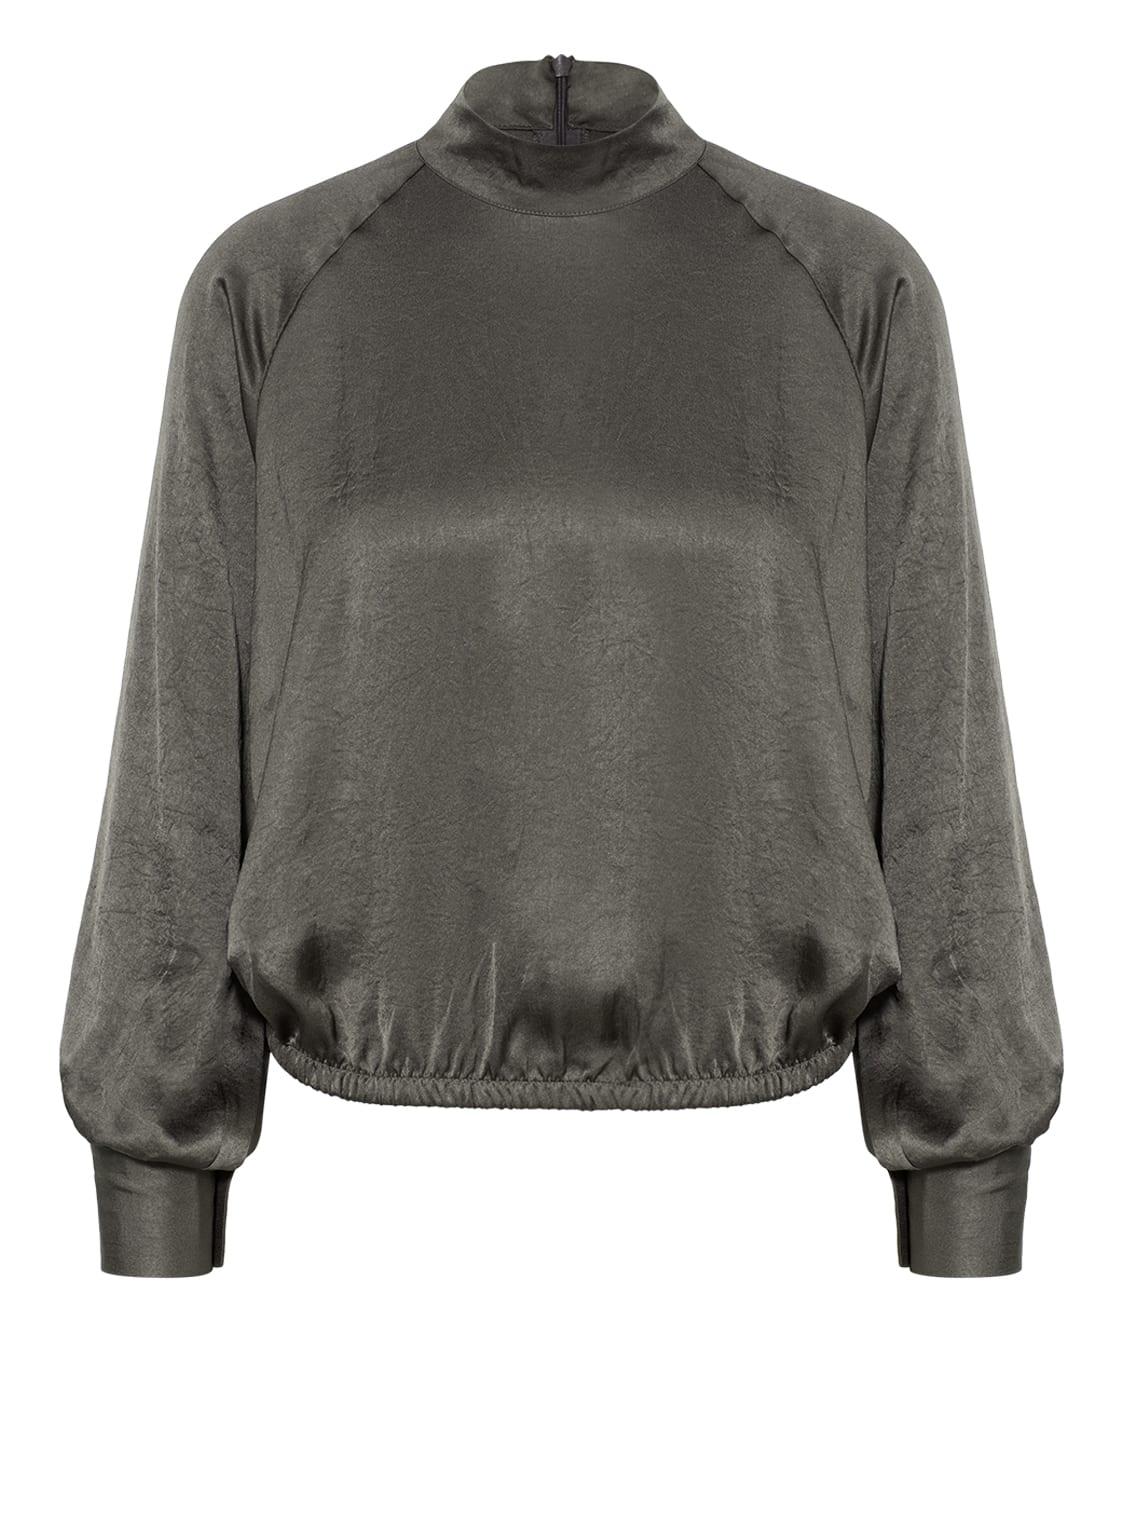 Image of American Vintage Bluse Wid grau